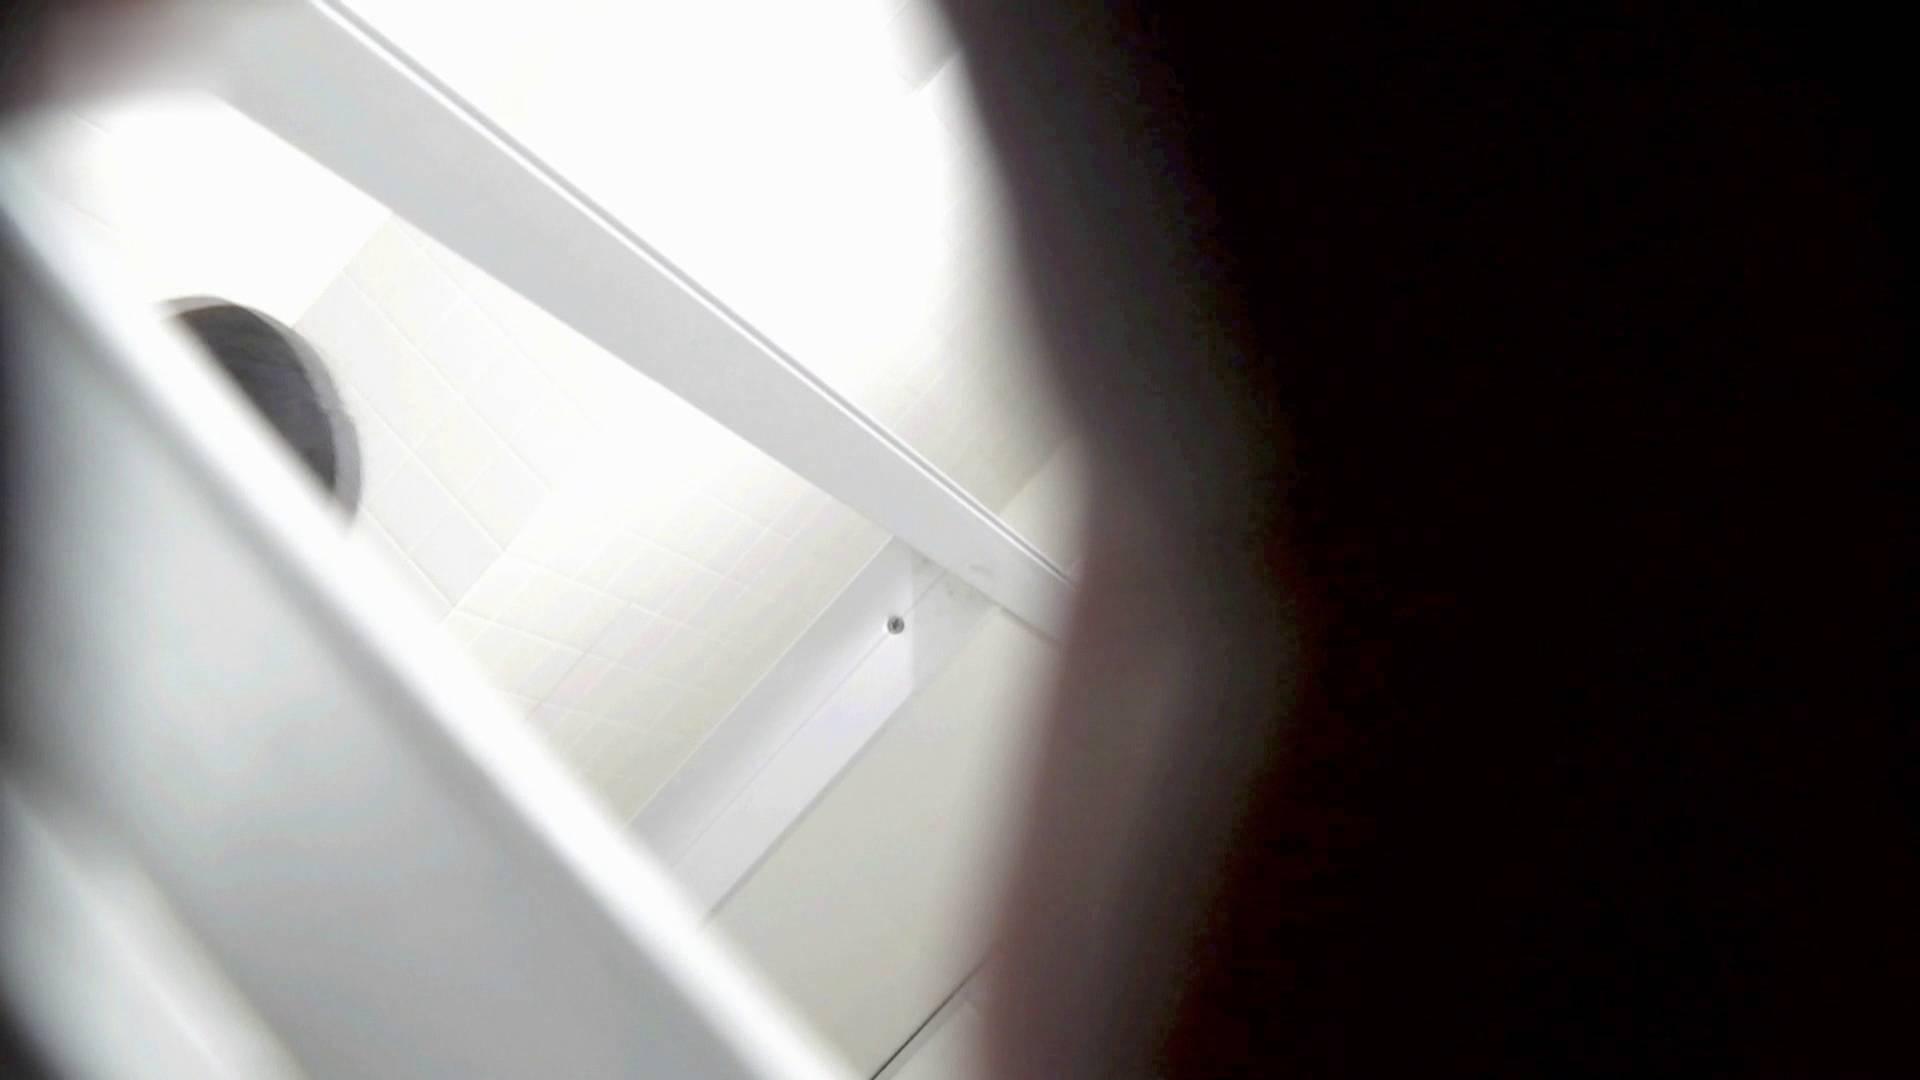 お銀さんの洗面所突入レポート!!vol.73 シリーズ一番エロい尻登場 洗面所 | OLエロ画像  40PICs 25